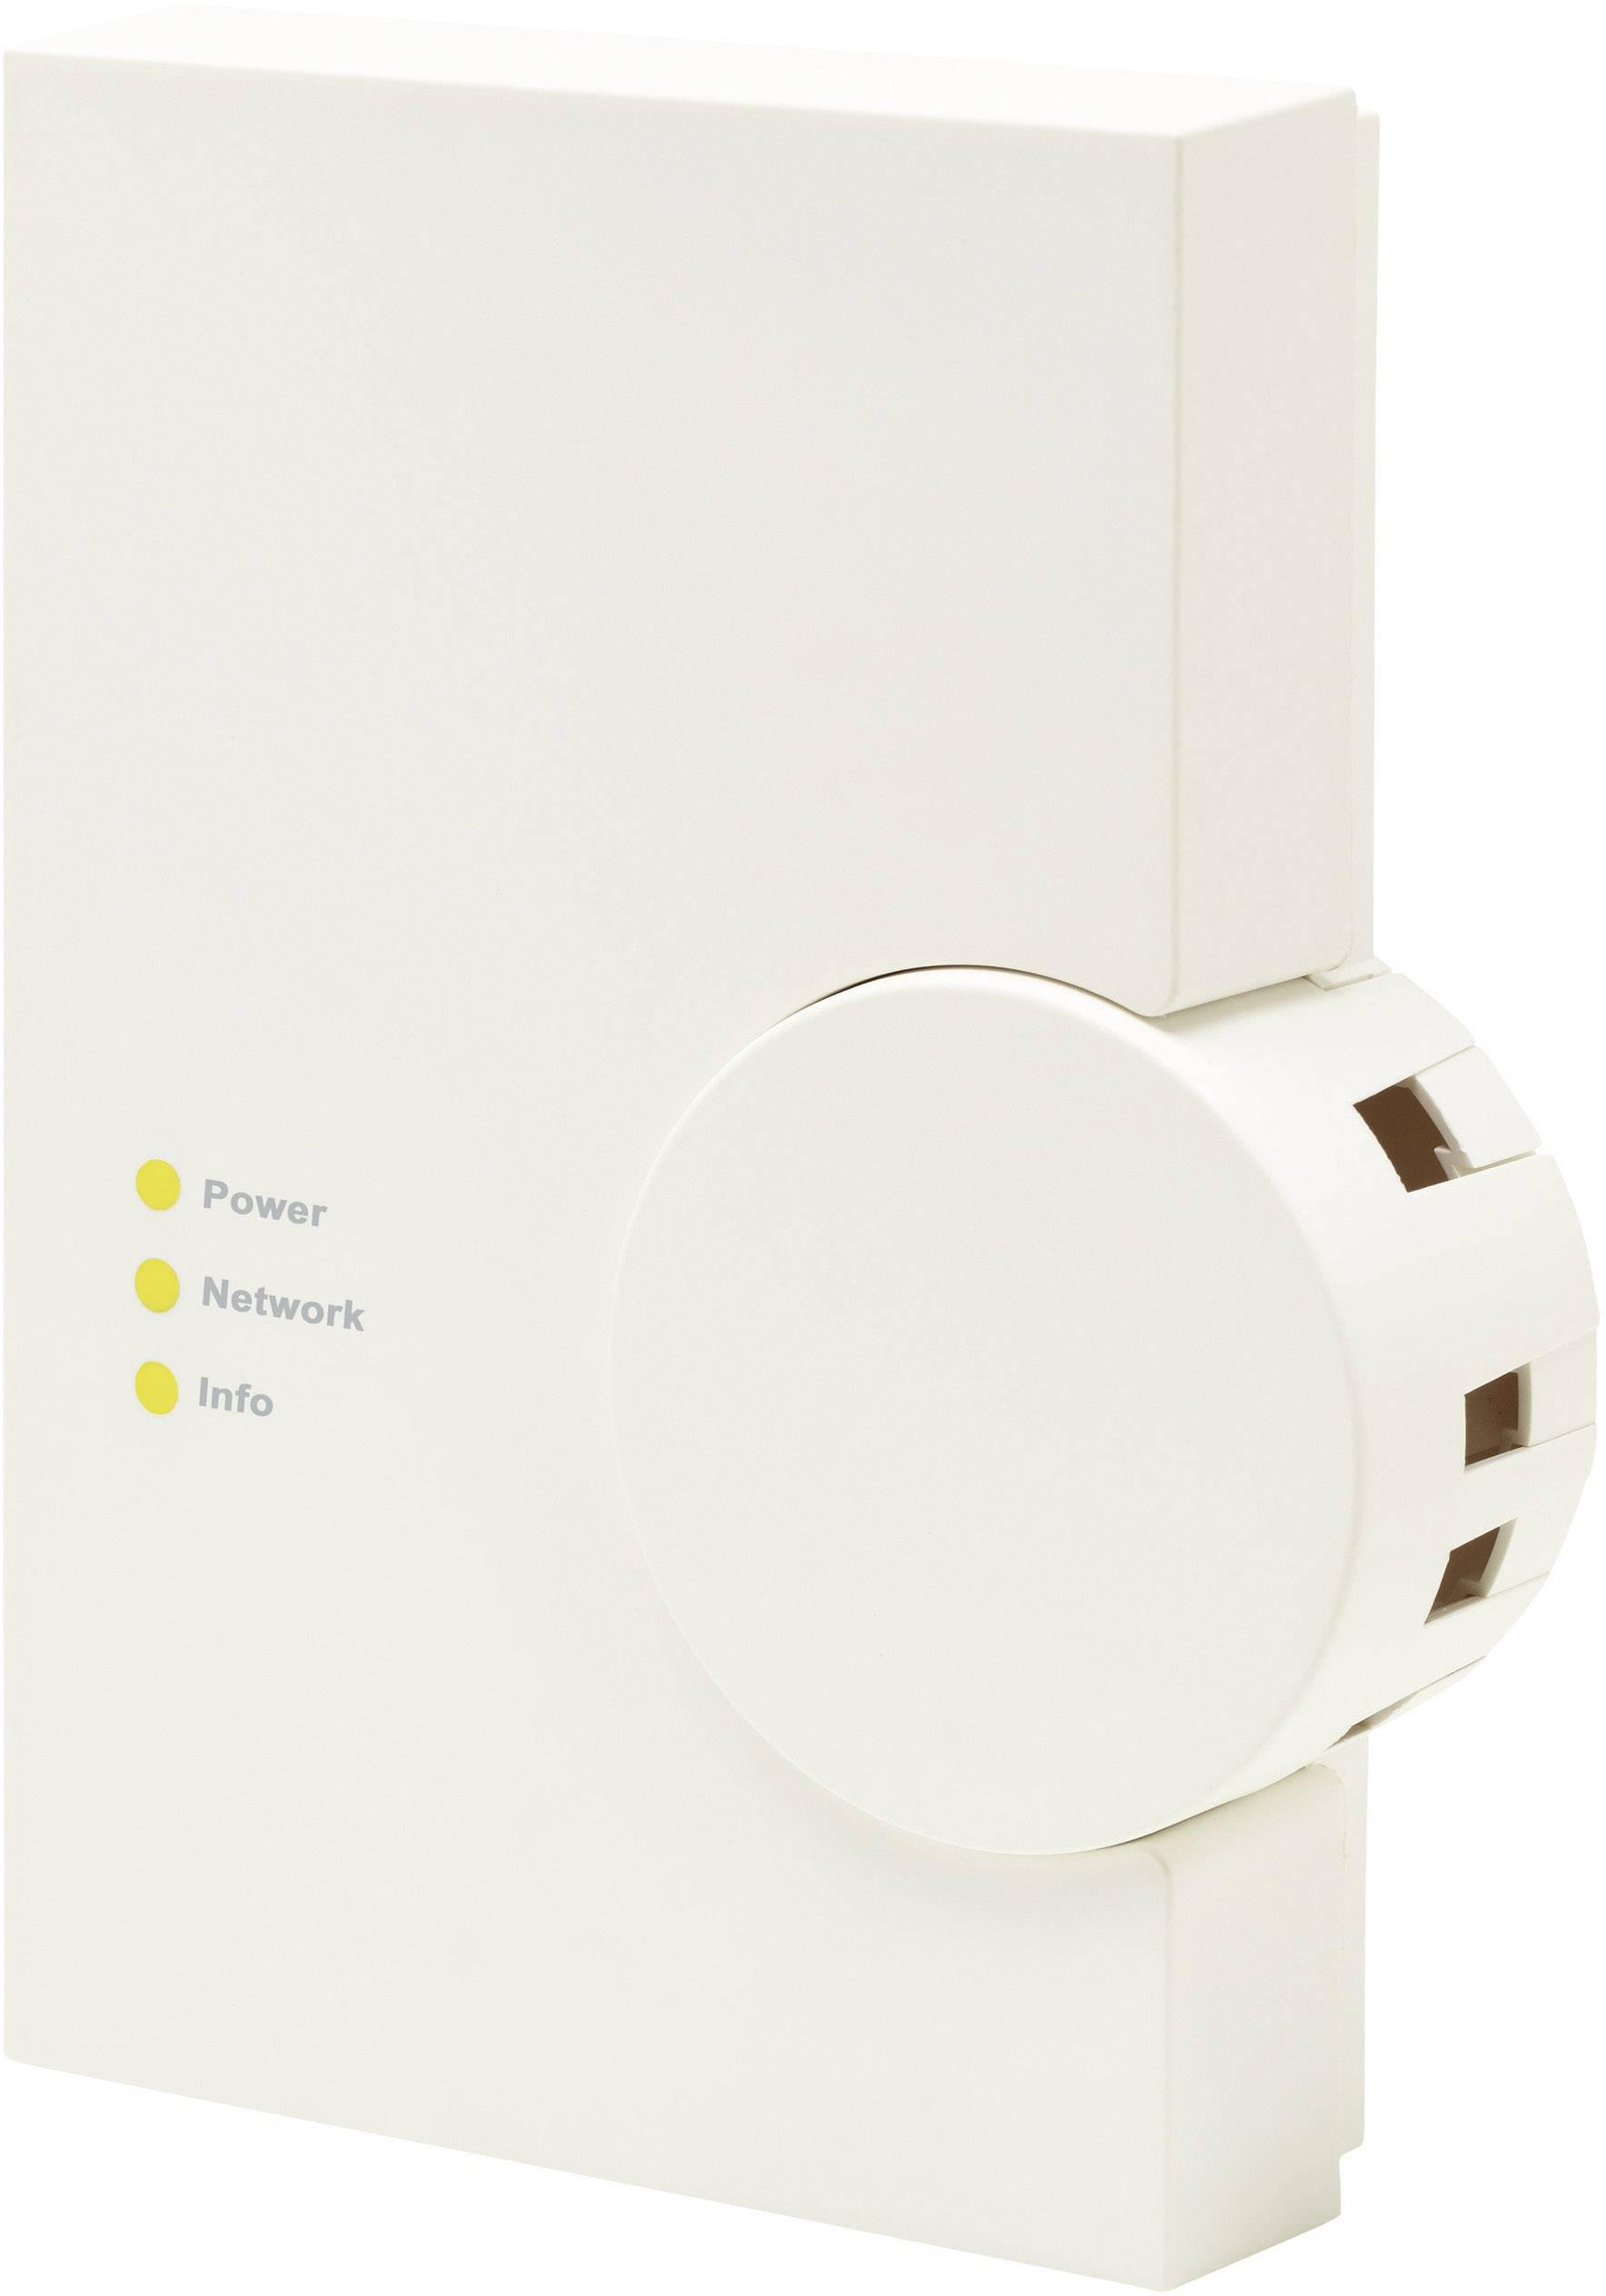 Bezdrôtový LAN gateway HomeMatic HM-LGW-O-TW-W-EU 104029, max. dosah 100 m